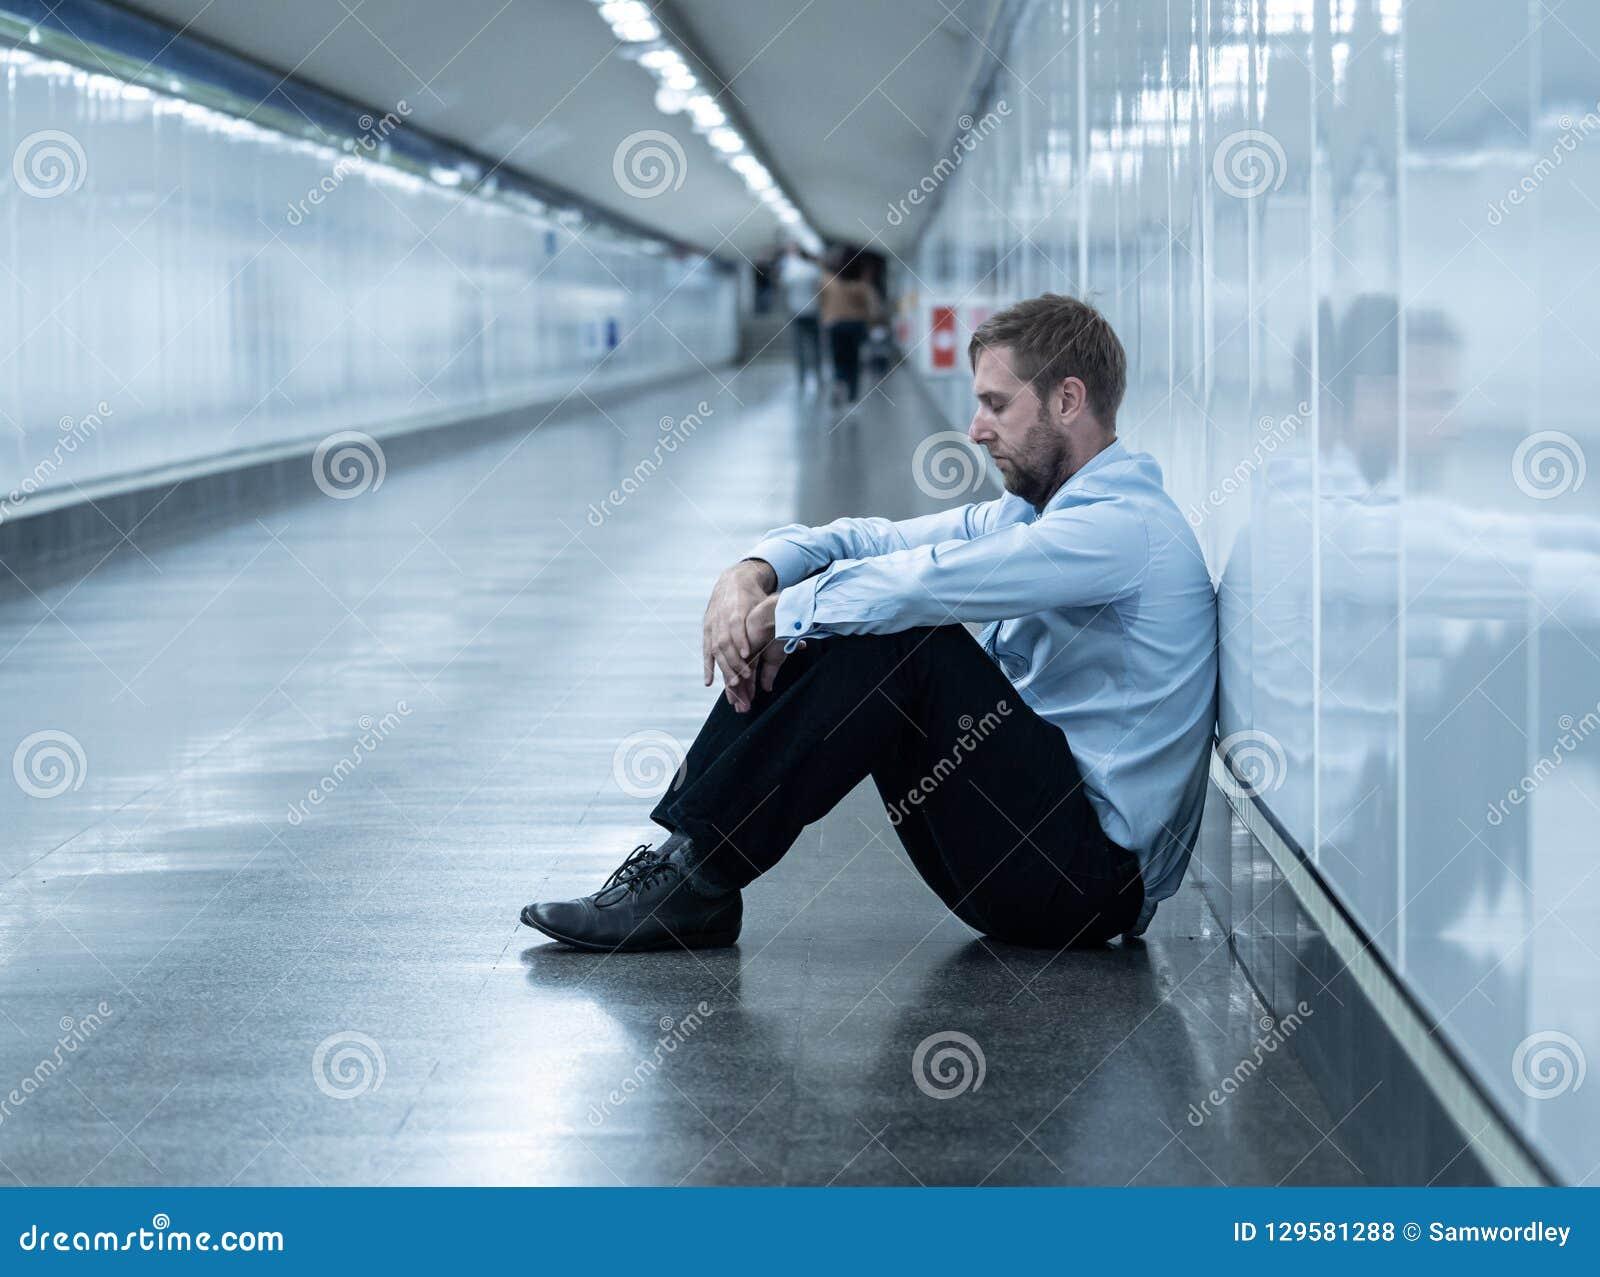 El hombre de negocios joven que el griterío abandonó perdió en la depresión que se sentaba en el subterráneo de tierra